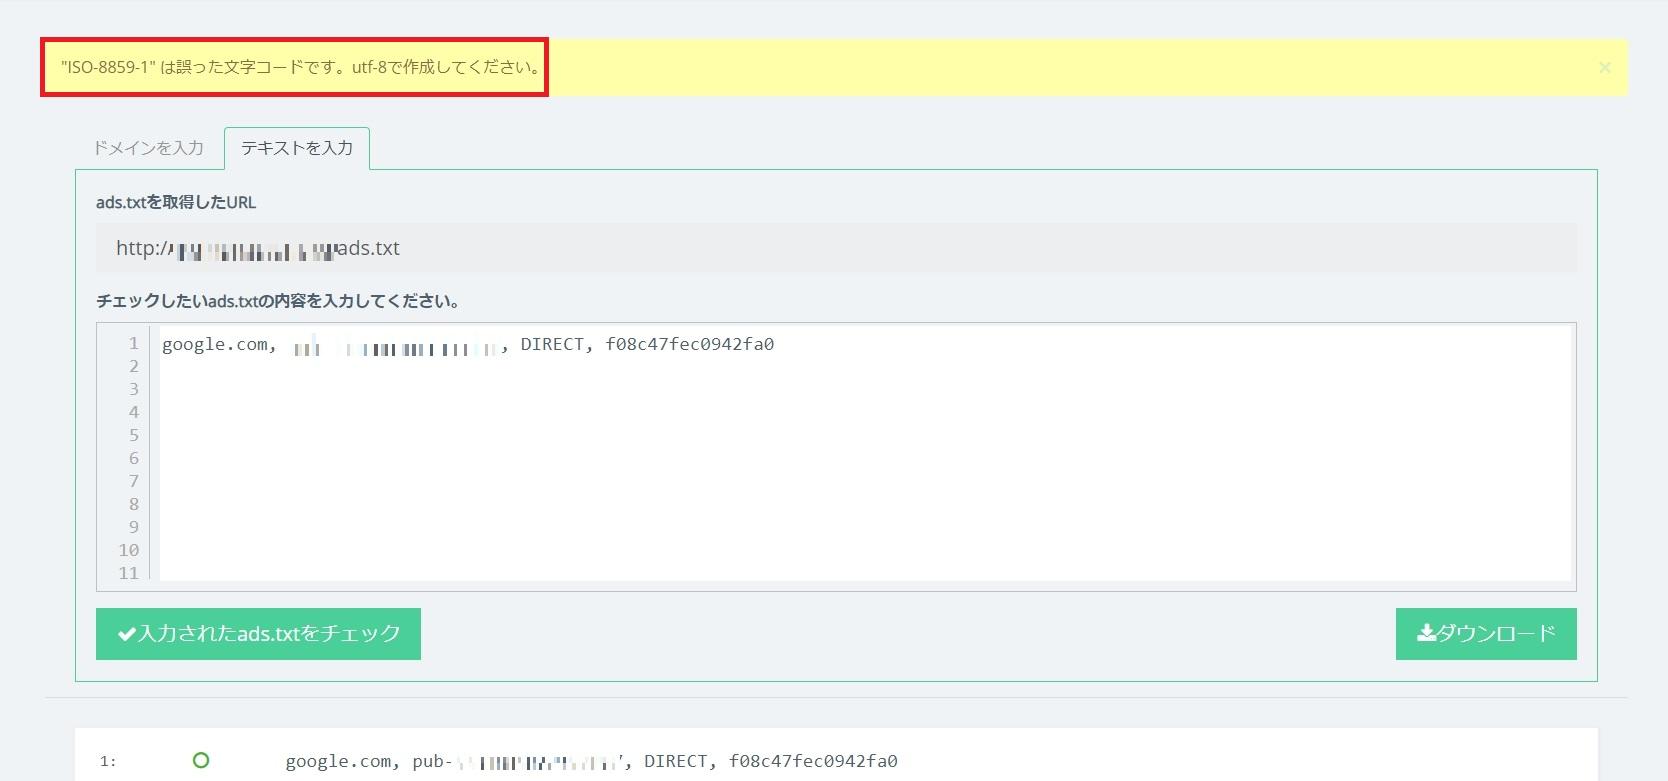 """button-only@2x アドセンスでads.txtファイルをUTF-8に変えても""""ISO-8859-1"""" は誤った文字コードが表示される時の対処法"""